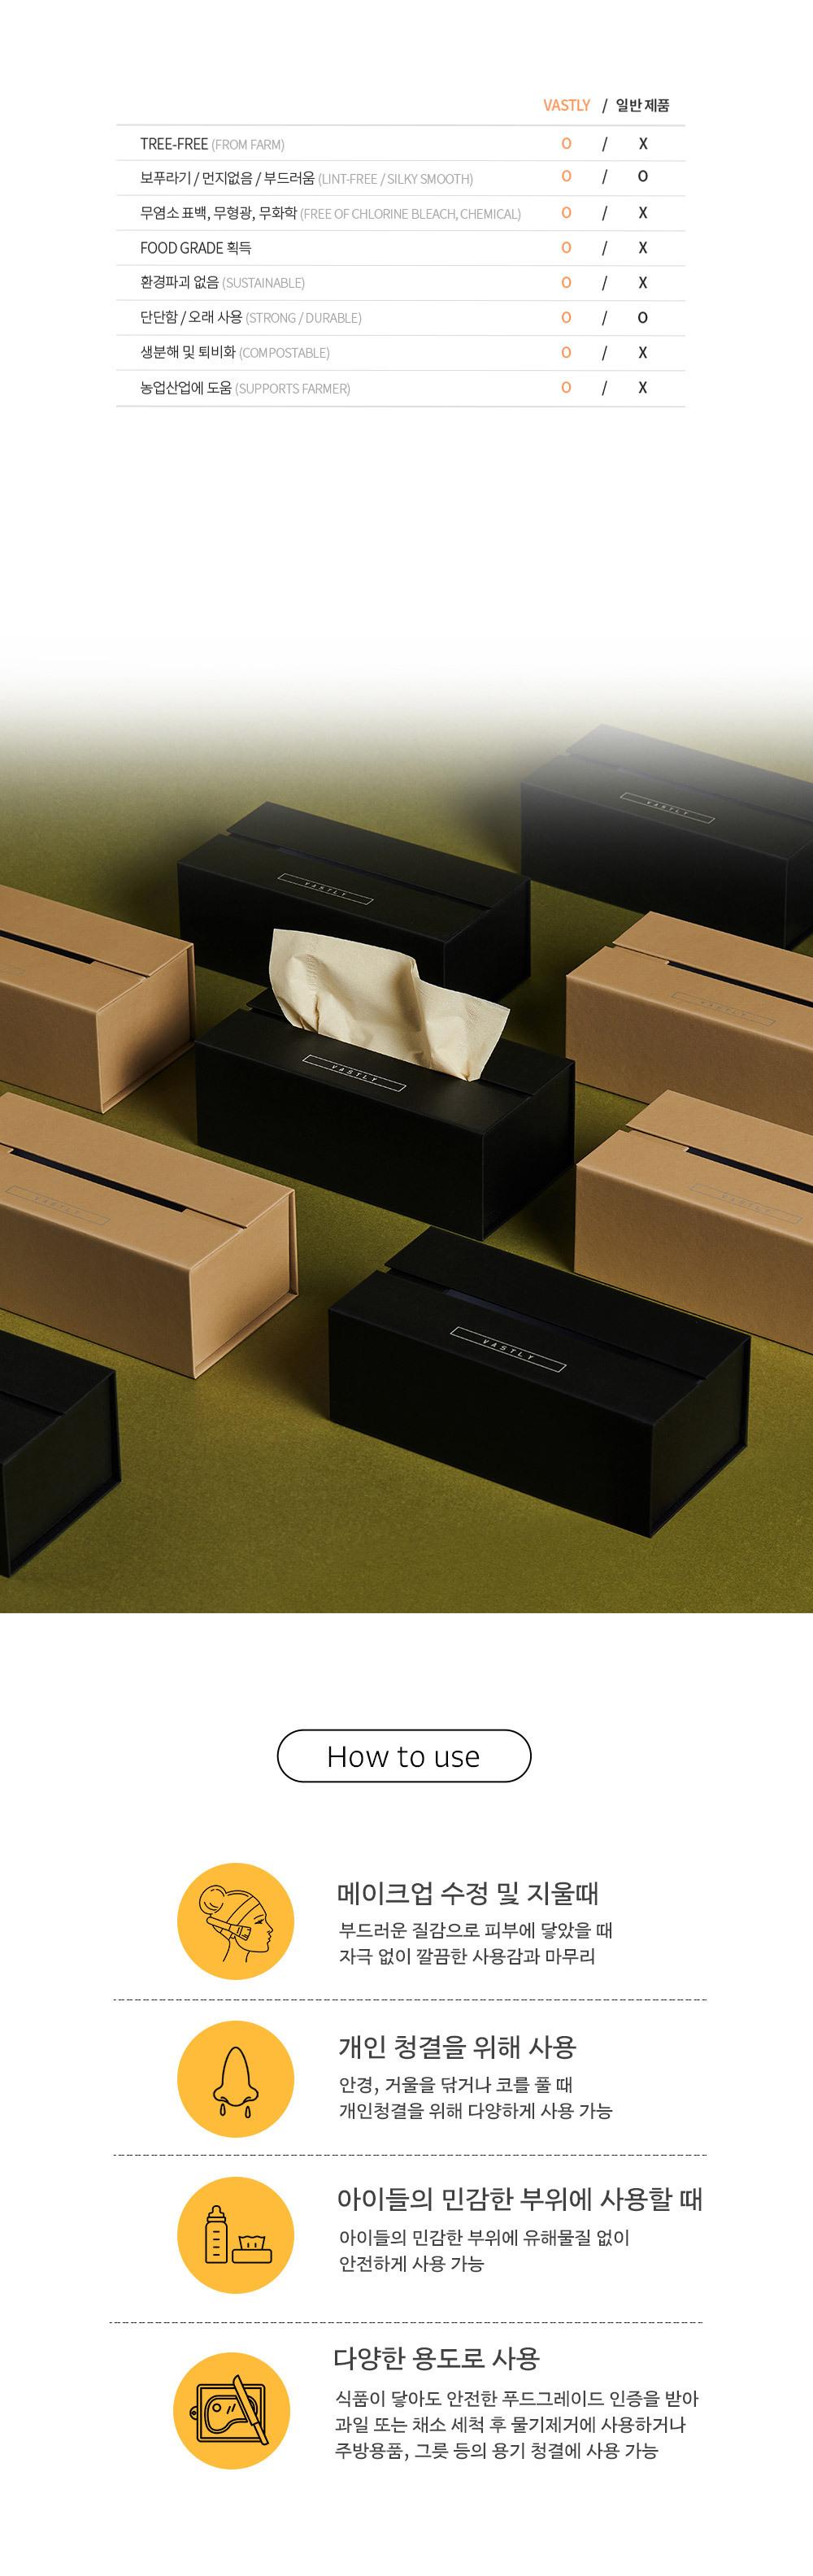 바스틀리 페이셜티슈 리필형 100매 37팩 화장지 휴지 - 바스틀리, 139,300원, 위생용품, 화장지/티슈